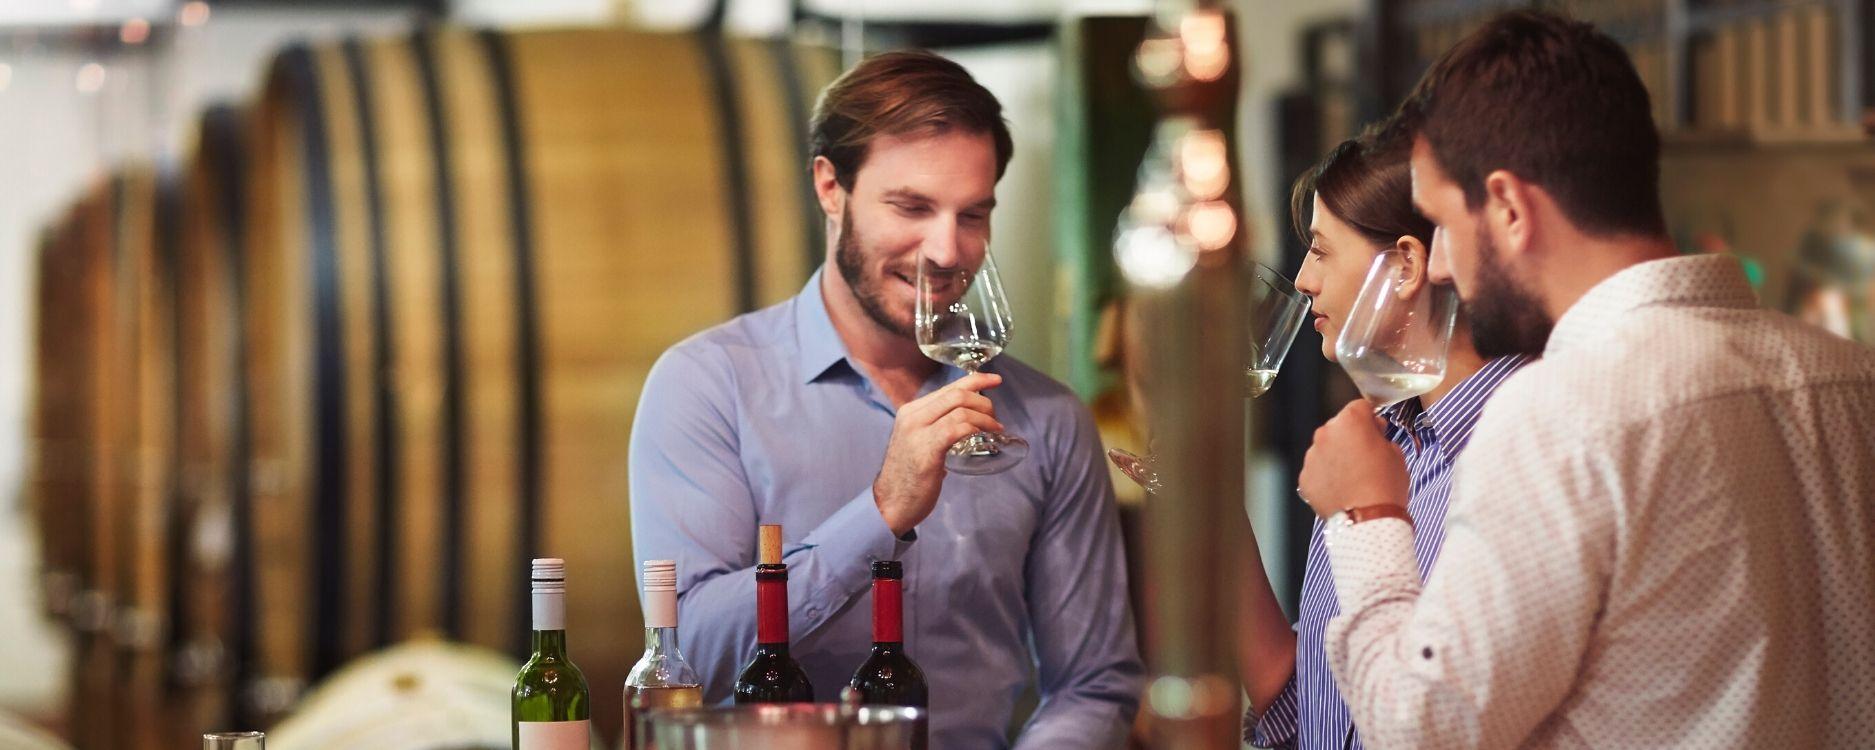 destinos turisticos inteligentes_visitantes teniendo experiencia de calidad en una cata de vinos